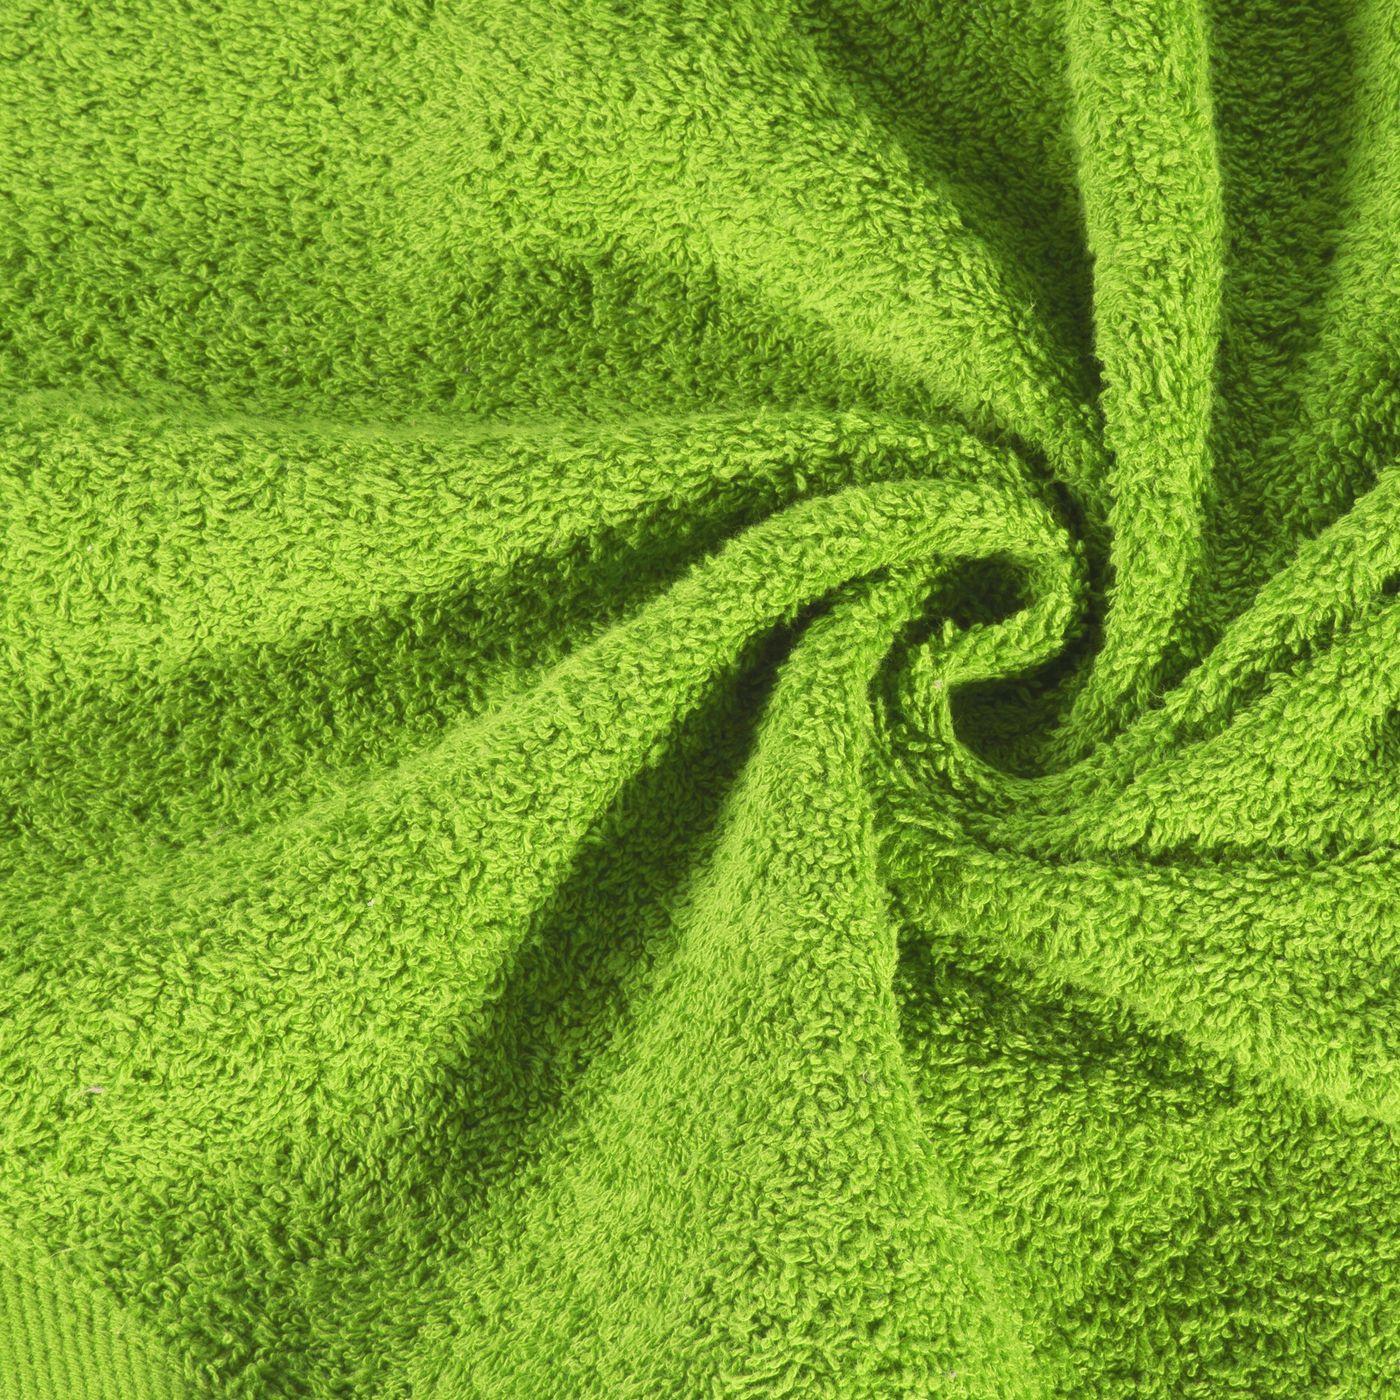 Ręcznik bawełniany gładki zielony 50x90 cm